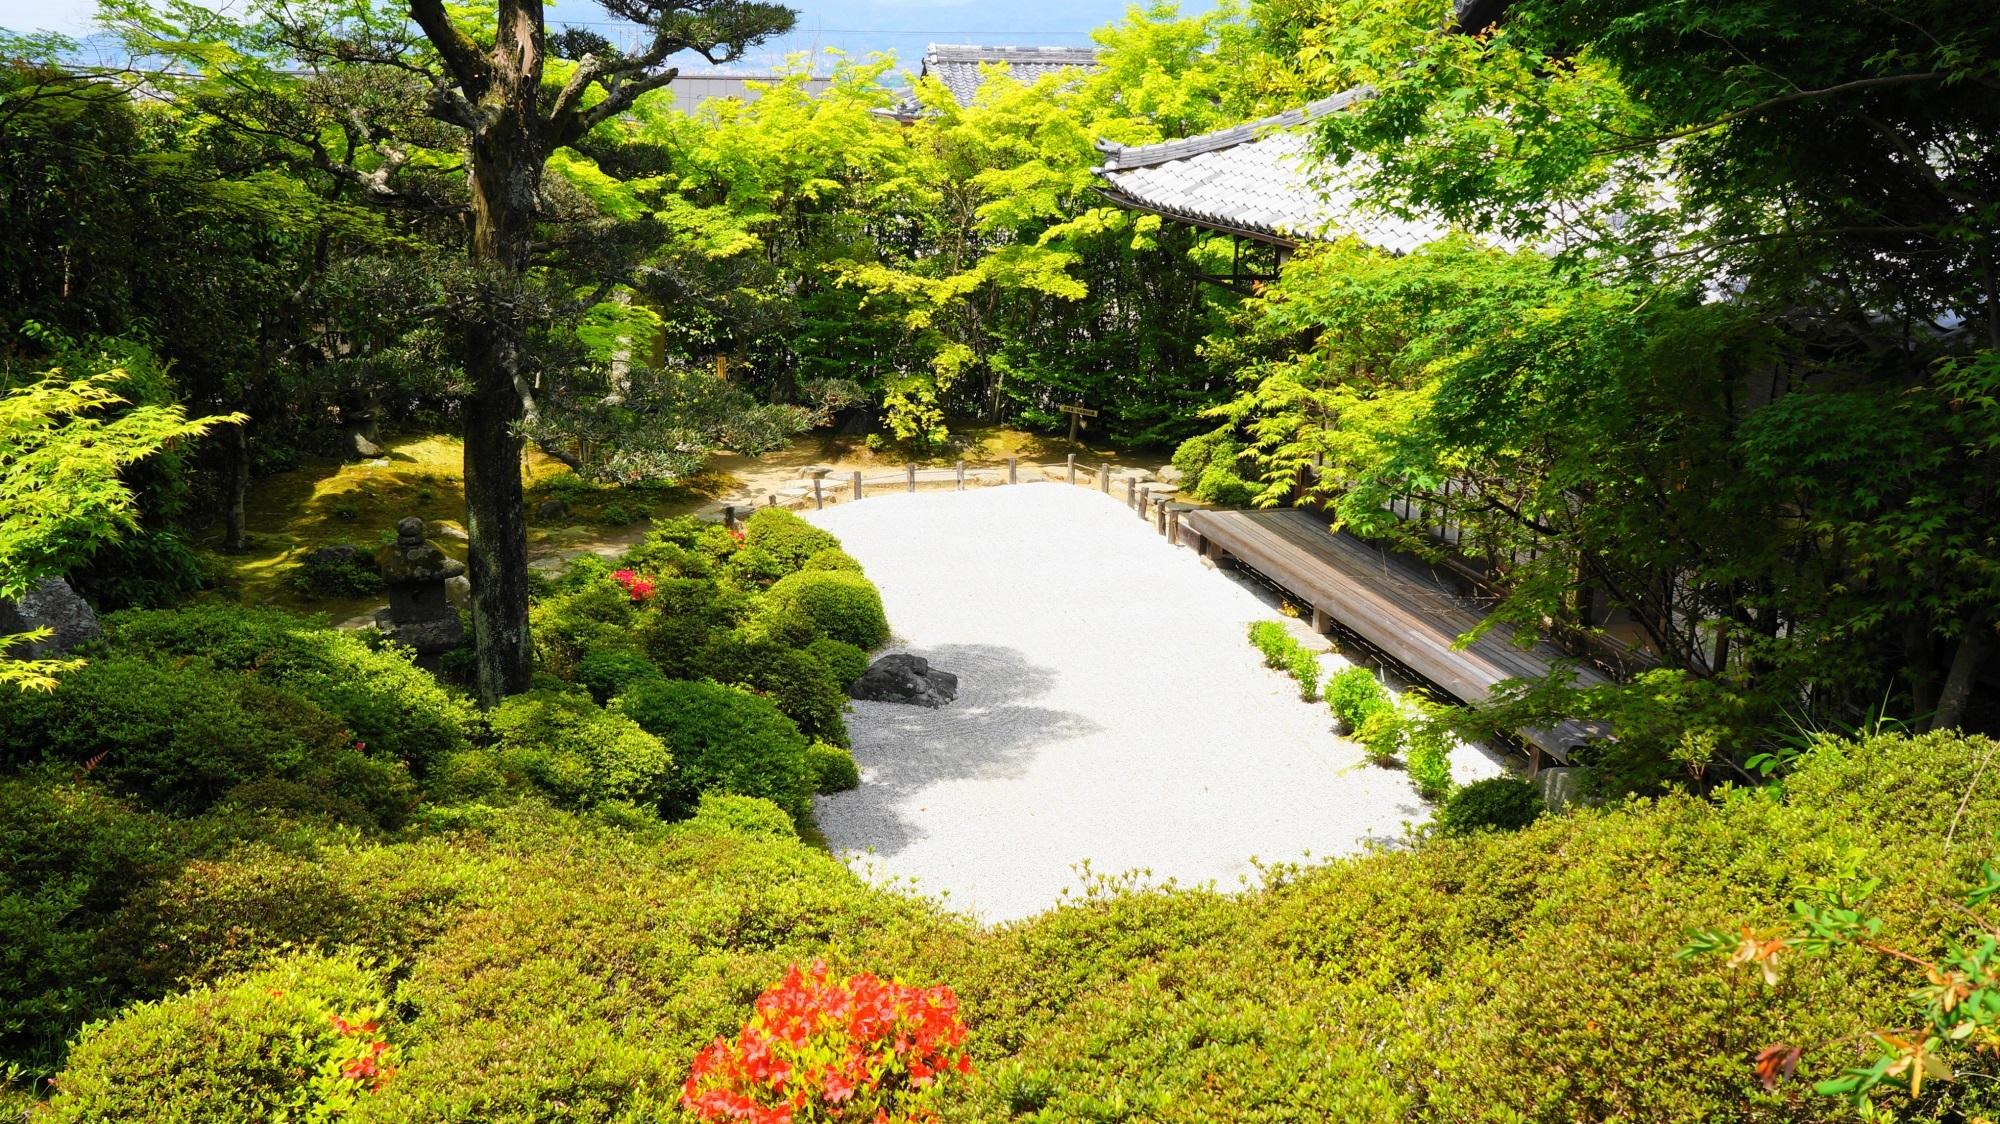 松尾芭蕉と与謝蕪村縁のお寺 金福寺(こんぷくじ)